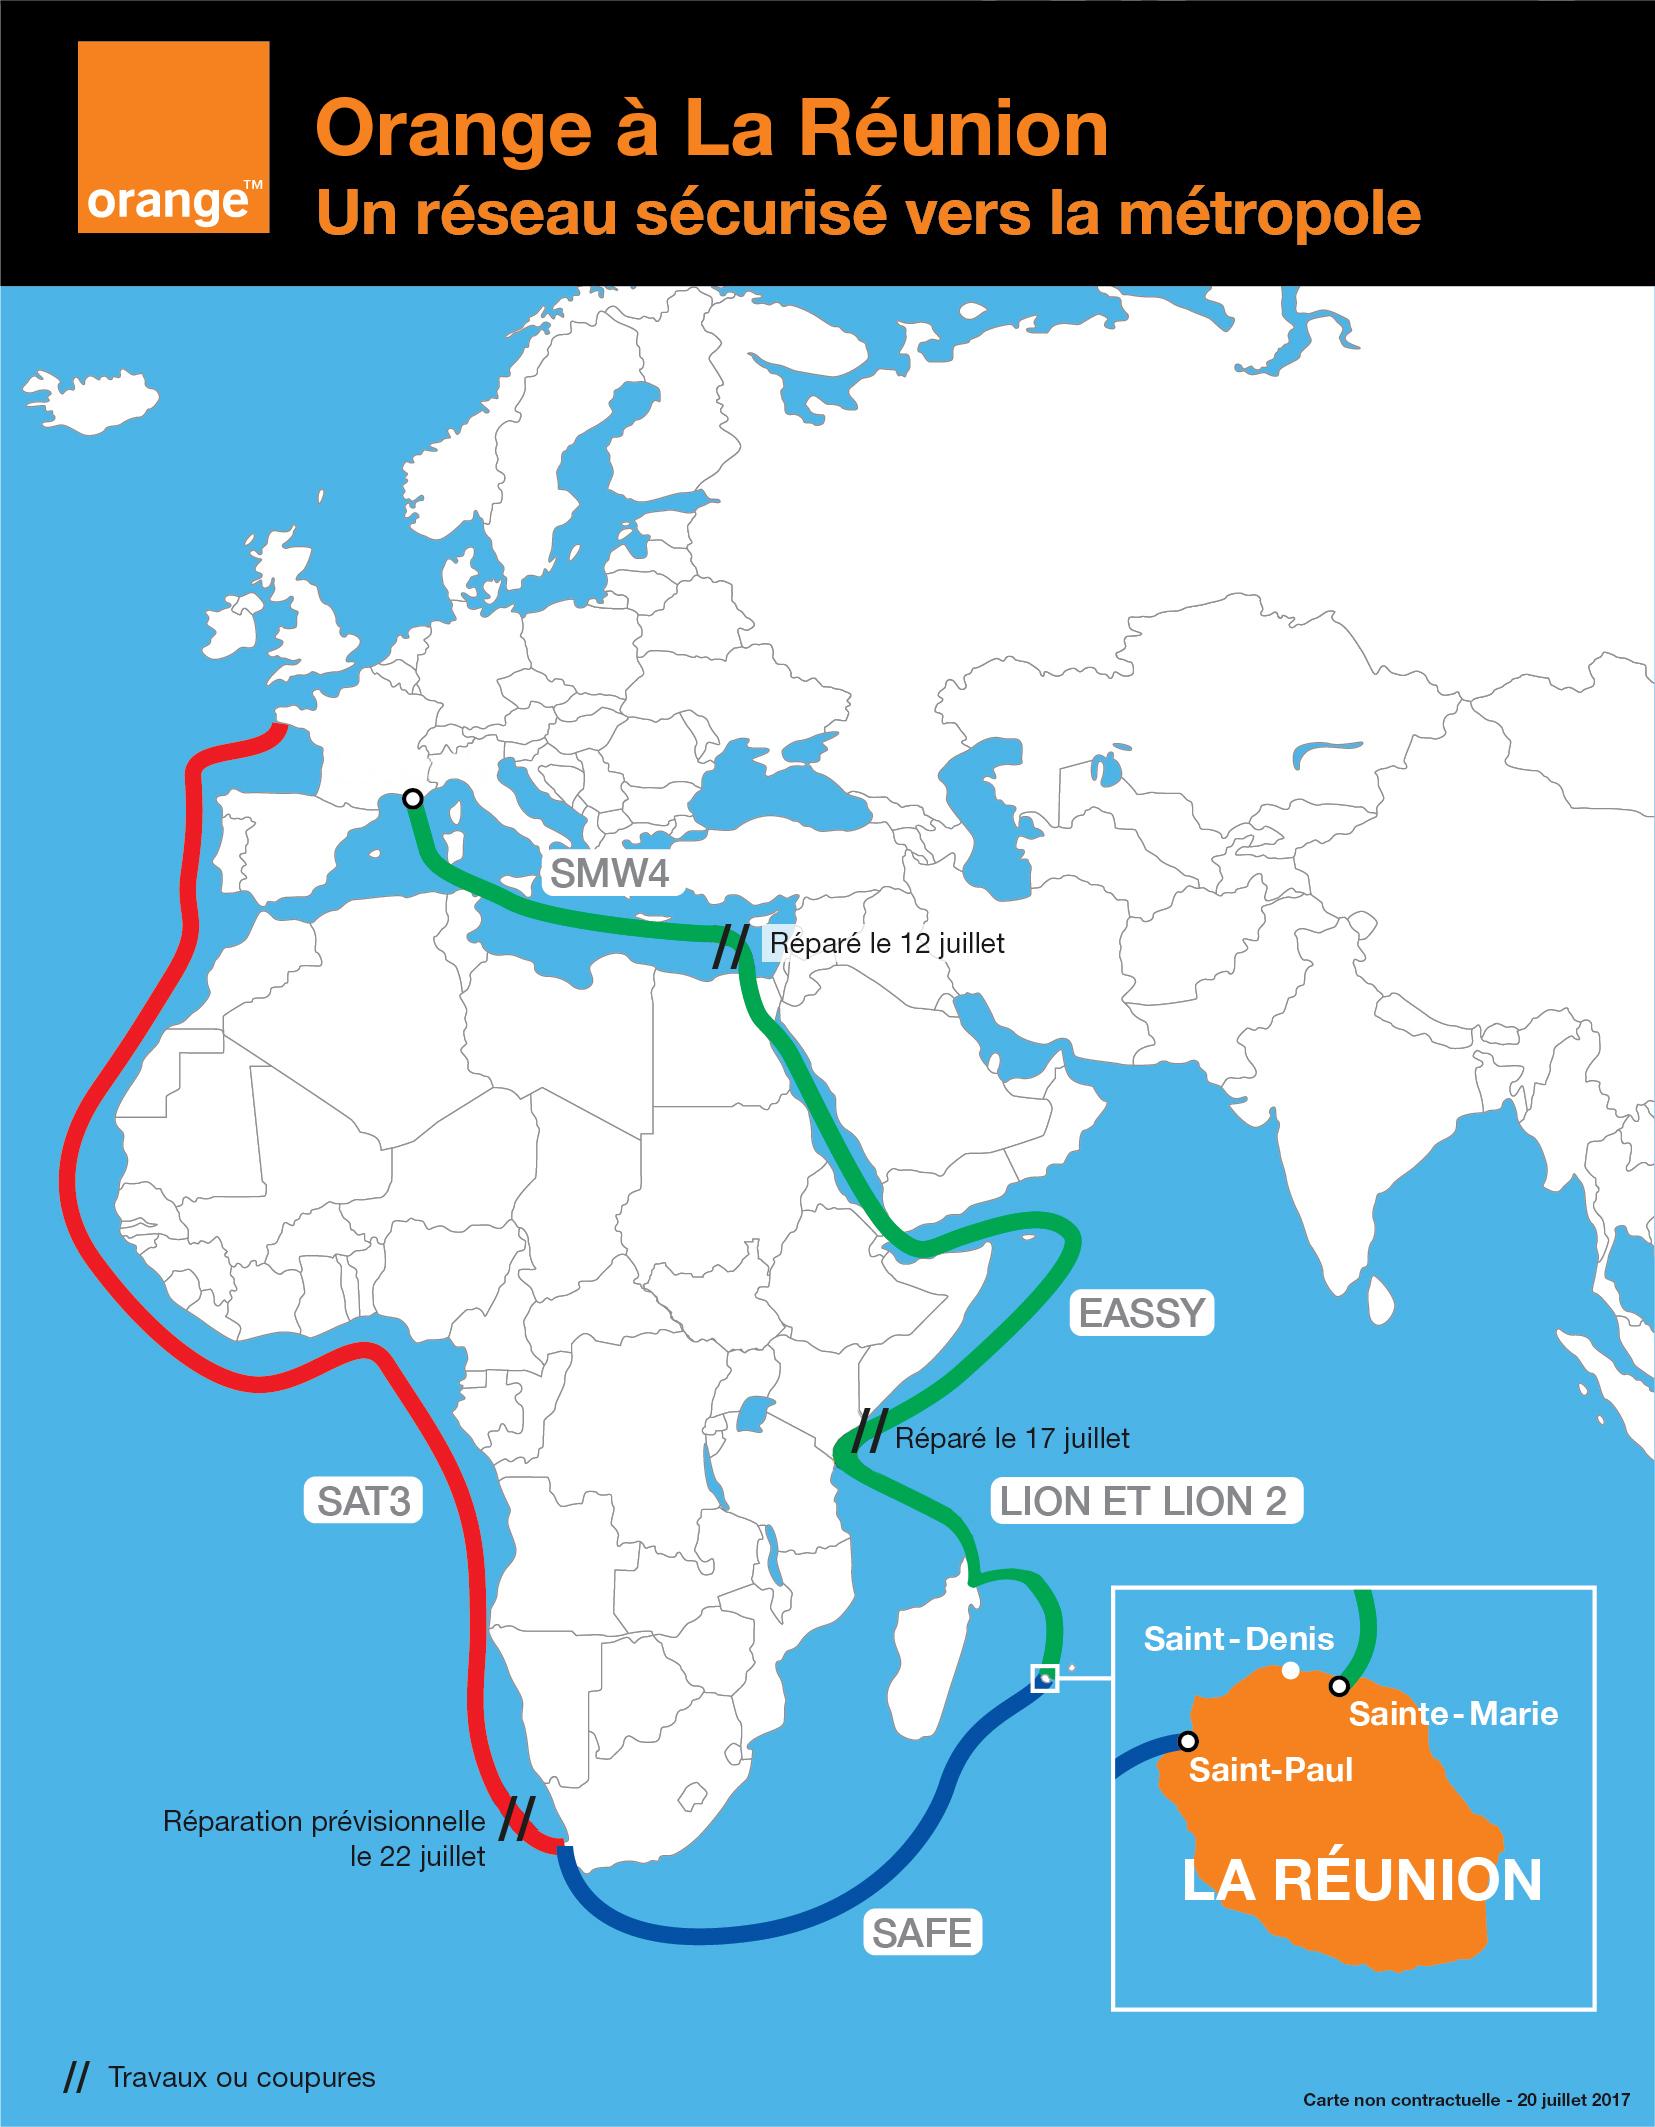 Le trafic internet est revenu à la normale sur les réseaux d'Orange à la Réunion.